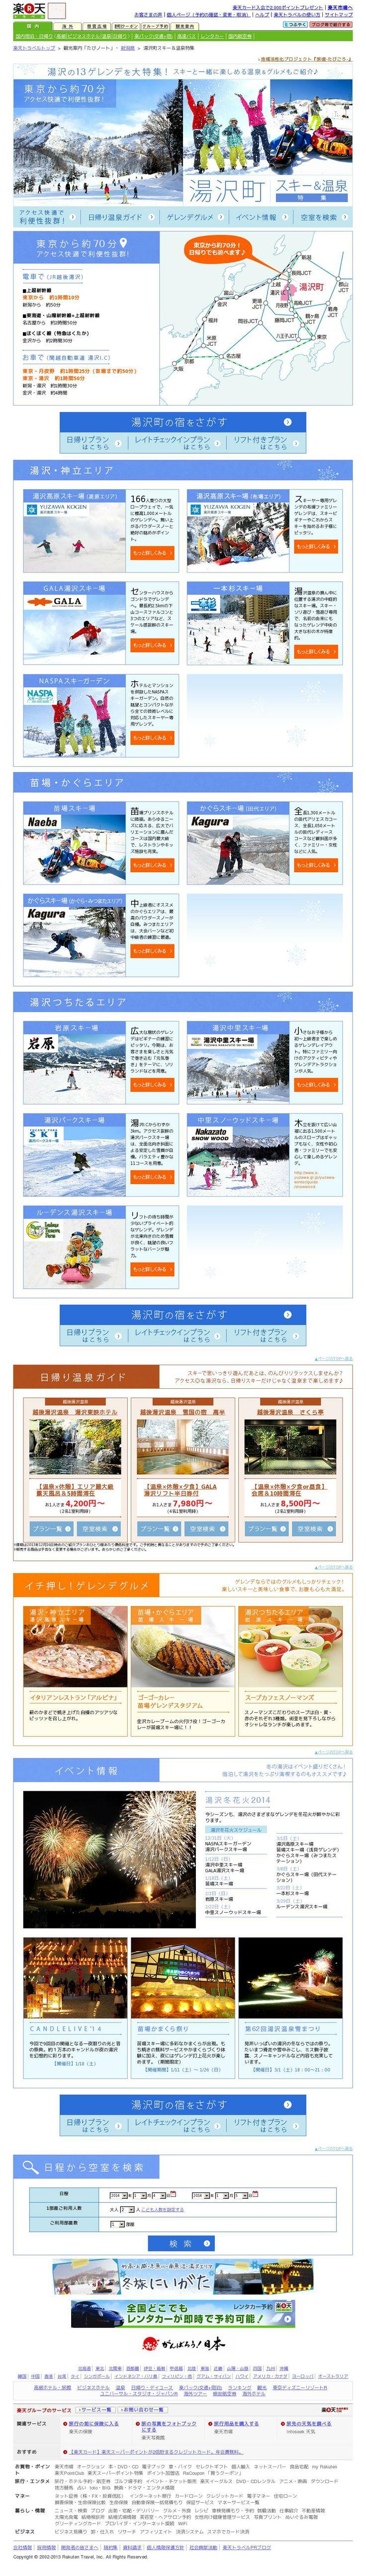 2013/12/16【D/C】湯沢町観光協会